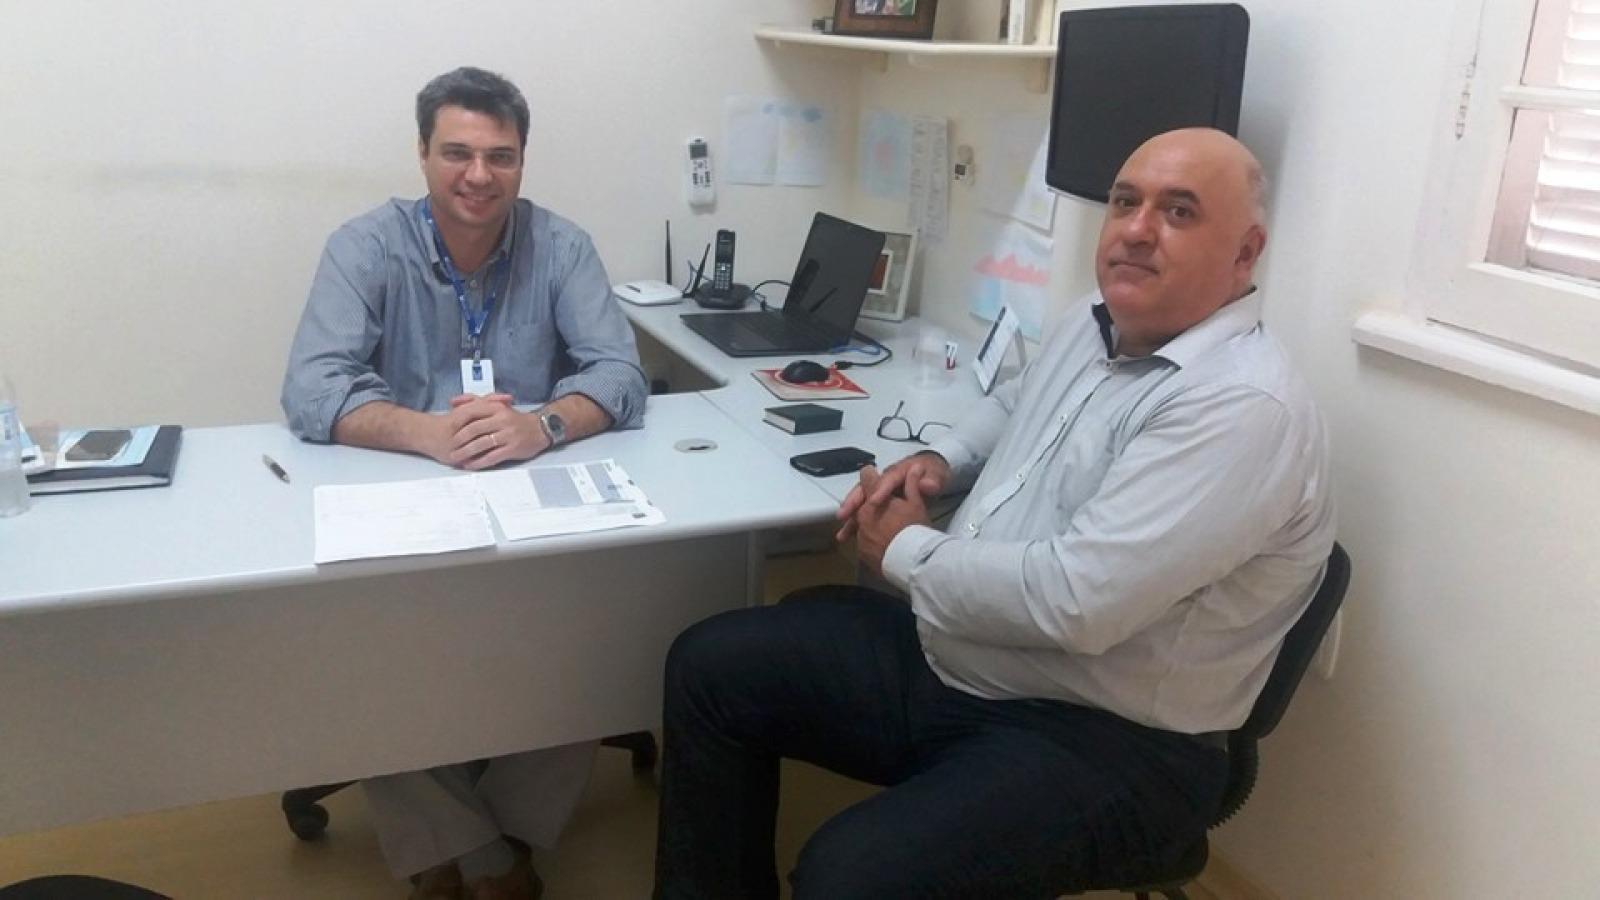 Visita de Dilnei Garate - Acreditação Hospitalar